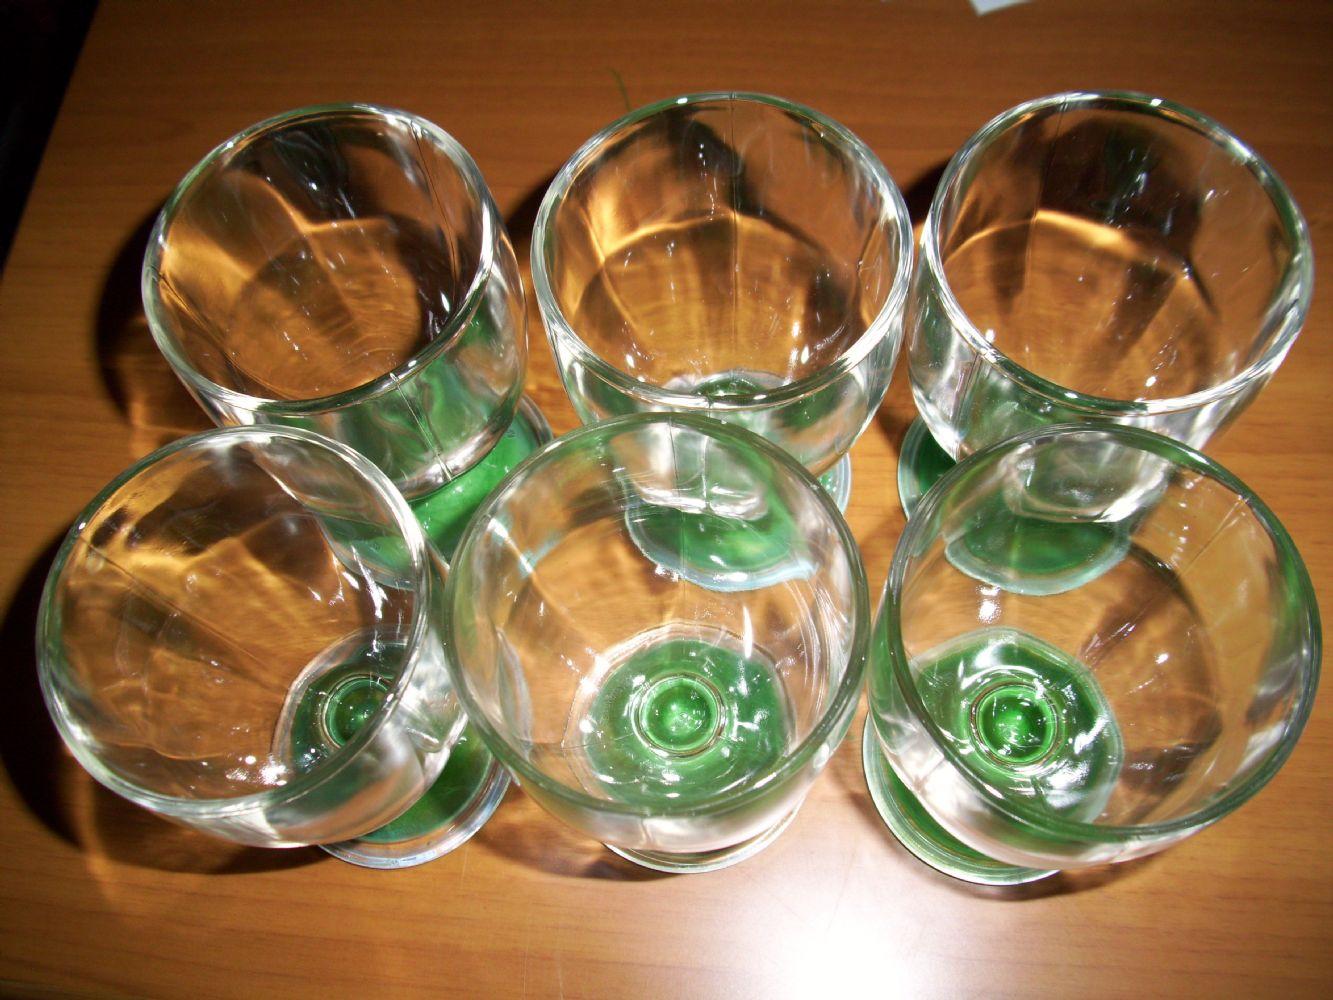 Baratto scambio bicchieri da tavola un po di tutto a - Disposizione bicchieri in tavola ...